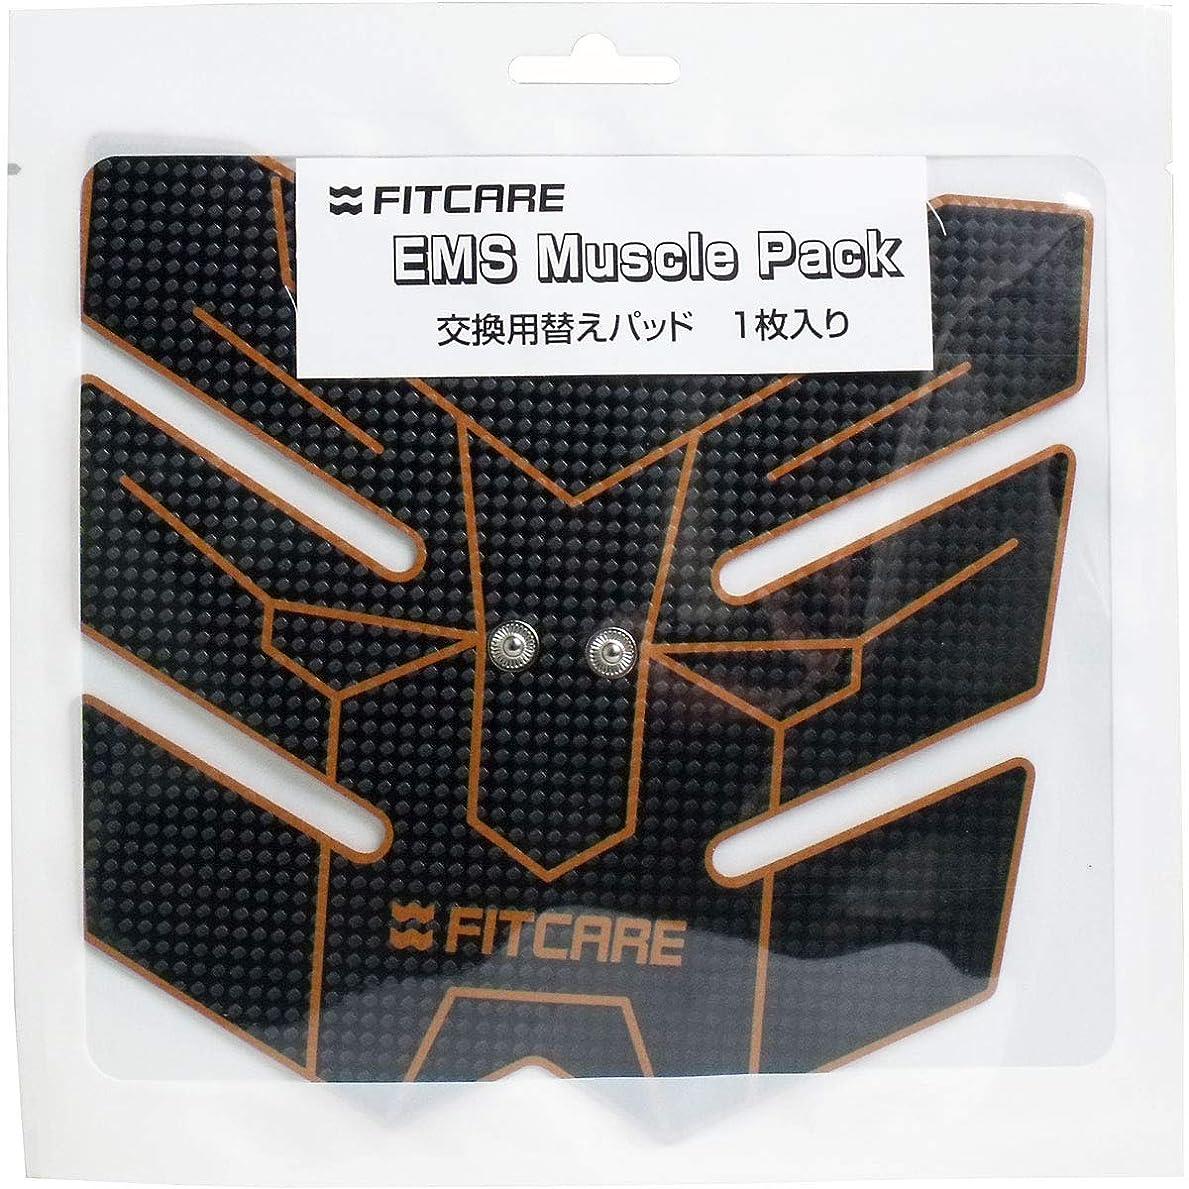 劇的不愉快に変位EMS マッスルパック 交換用替えパッド 1枚入×10個セット